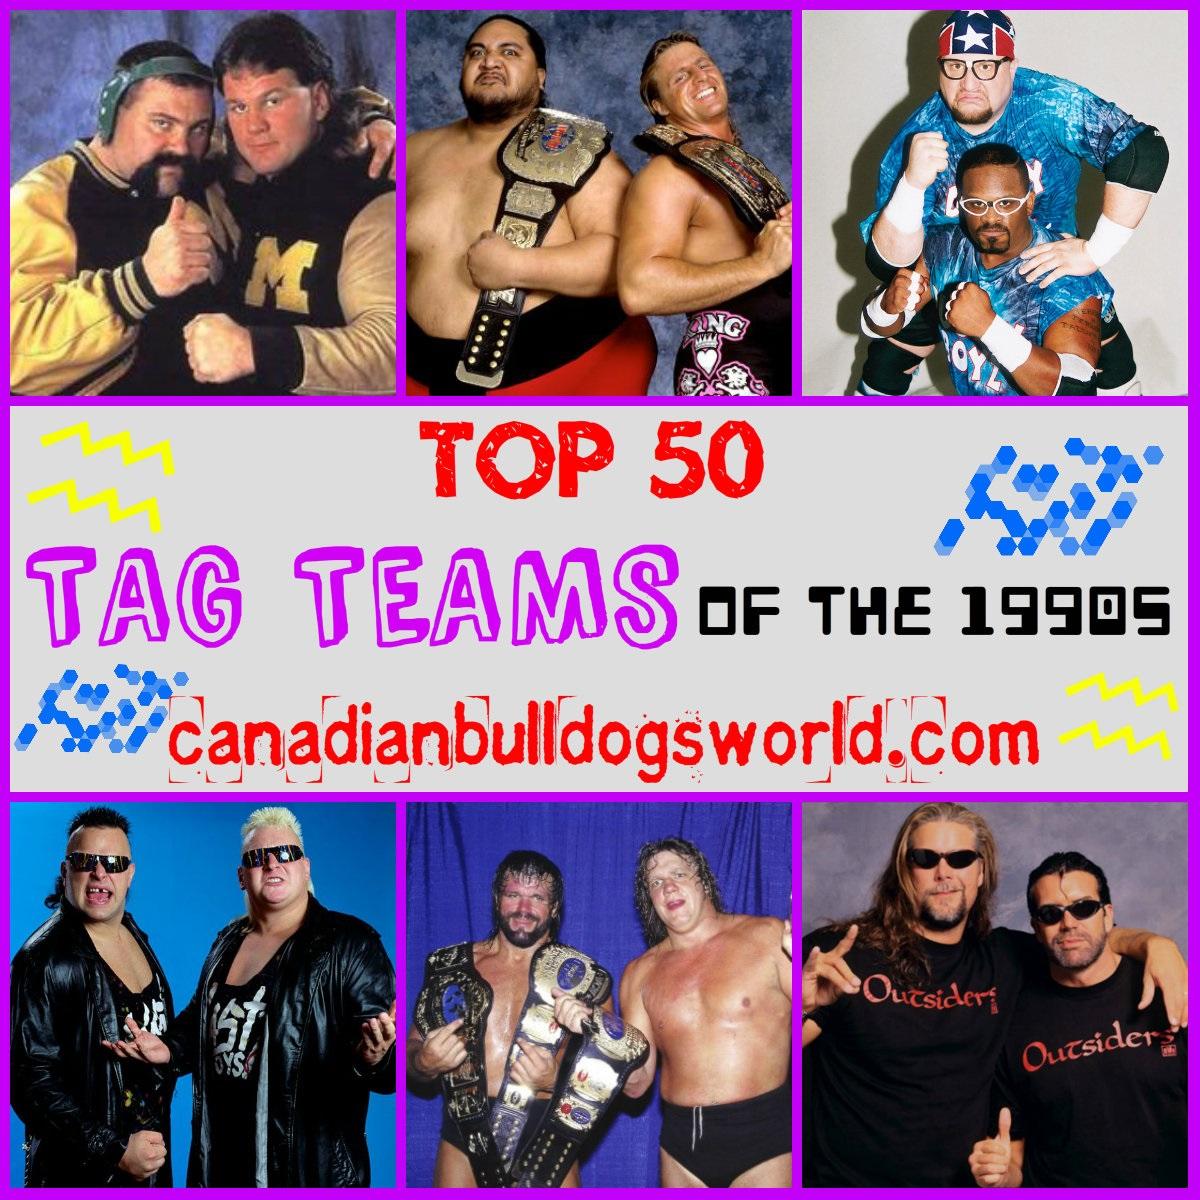 Top 50 Tag Teams Of The 1990s